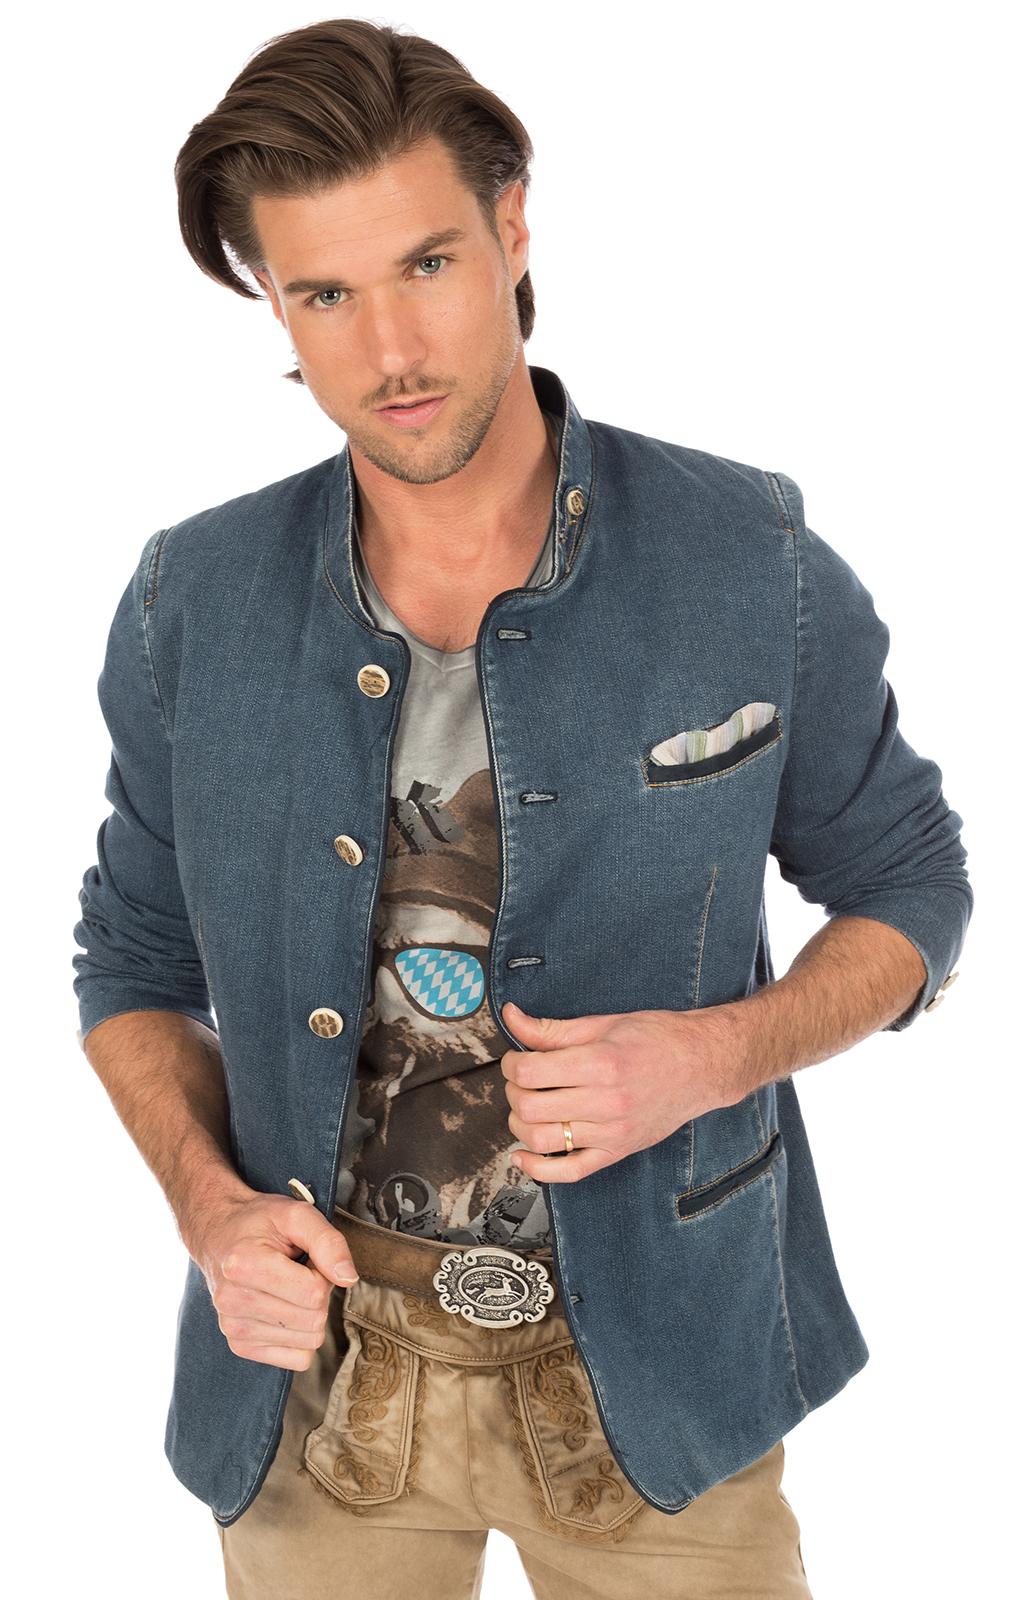 Trachtenjanker HOCHFICHT jeansblau von OS-Trachten